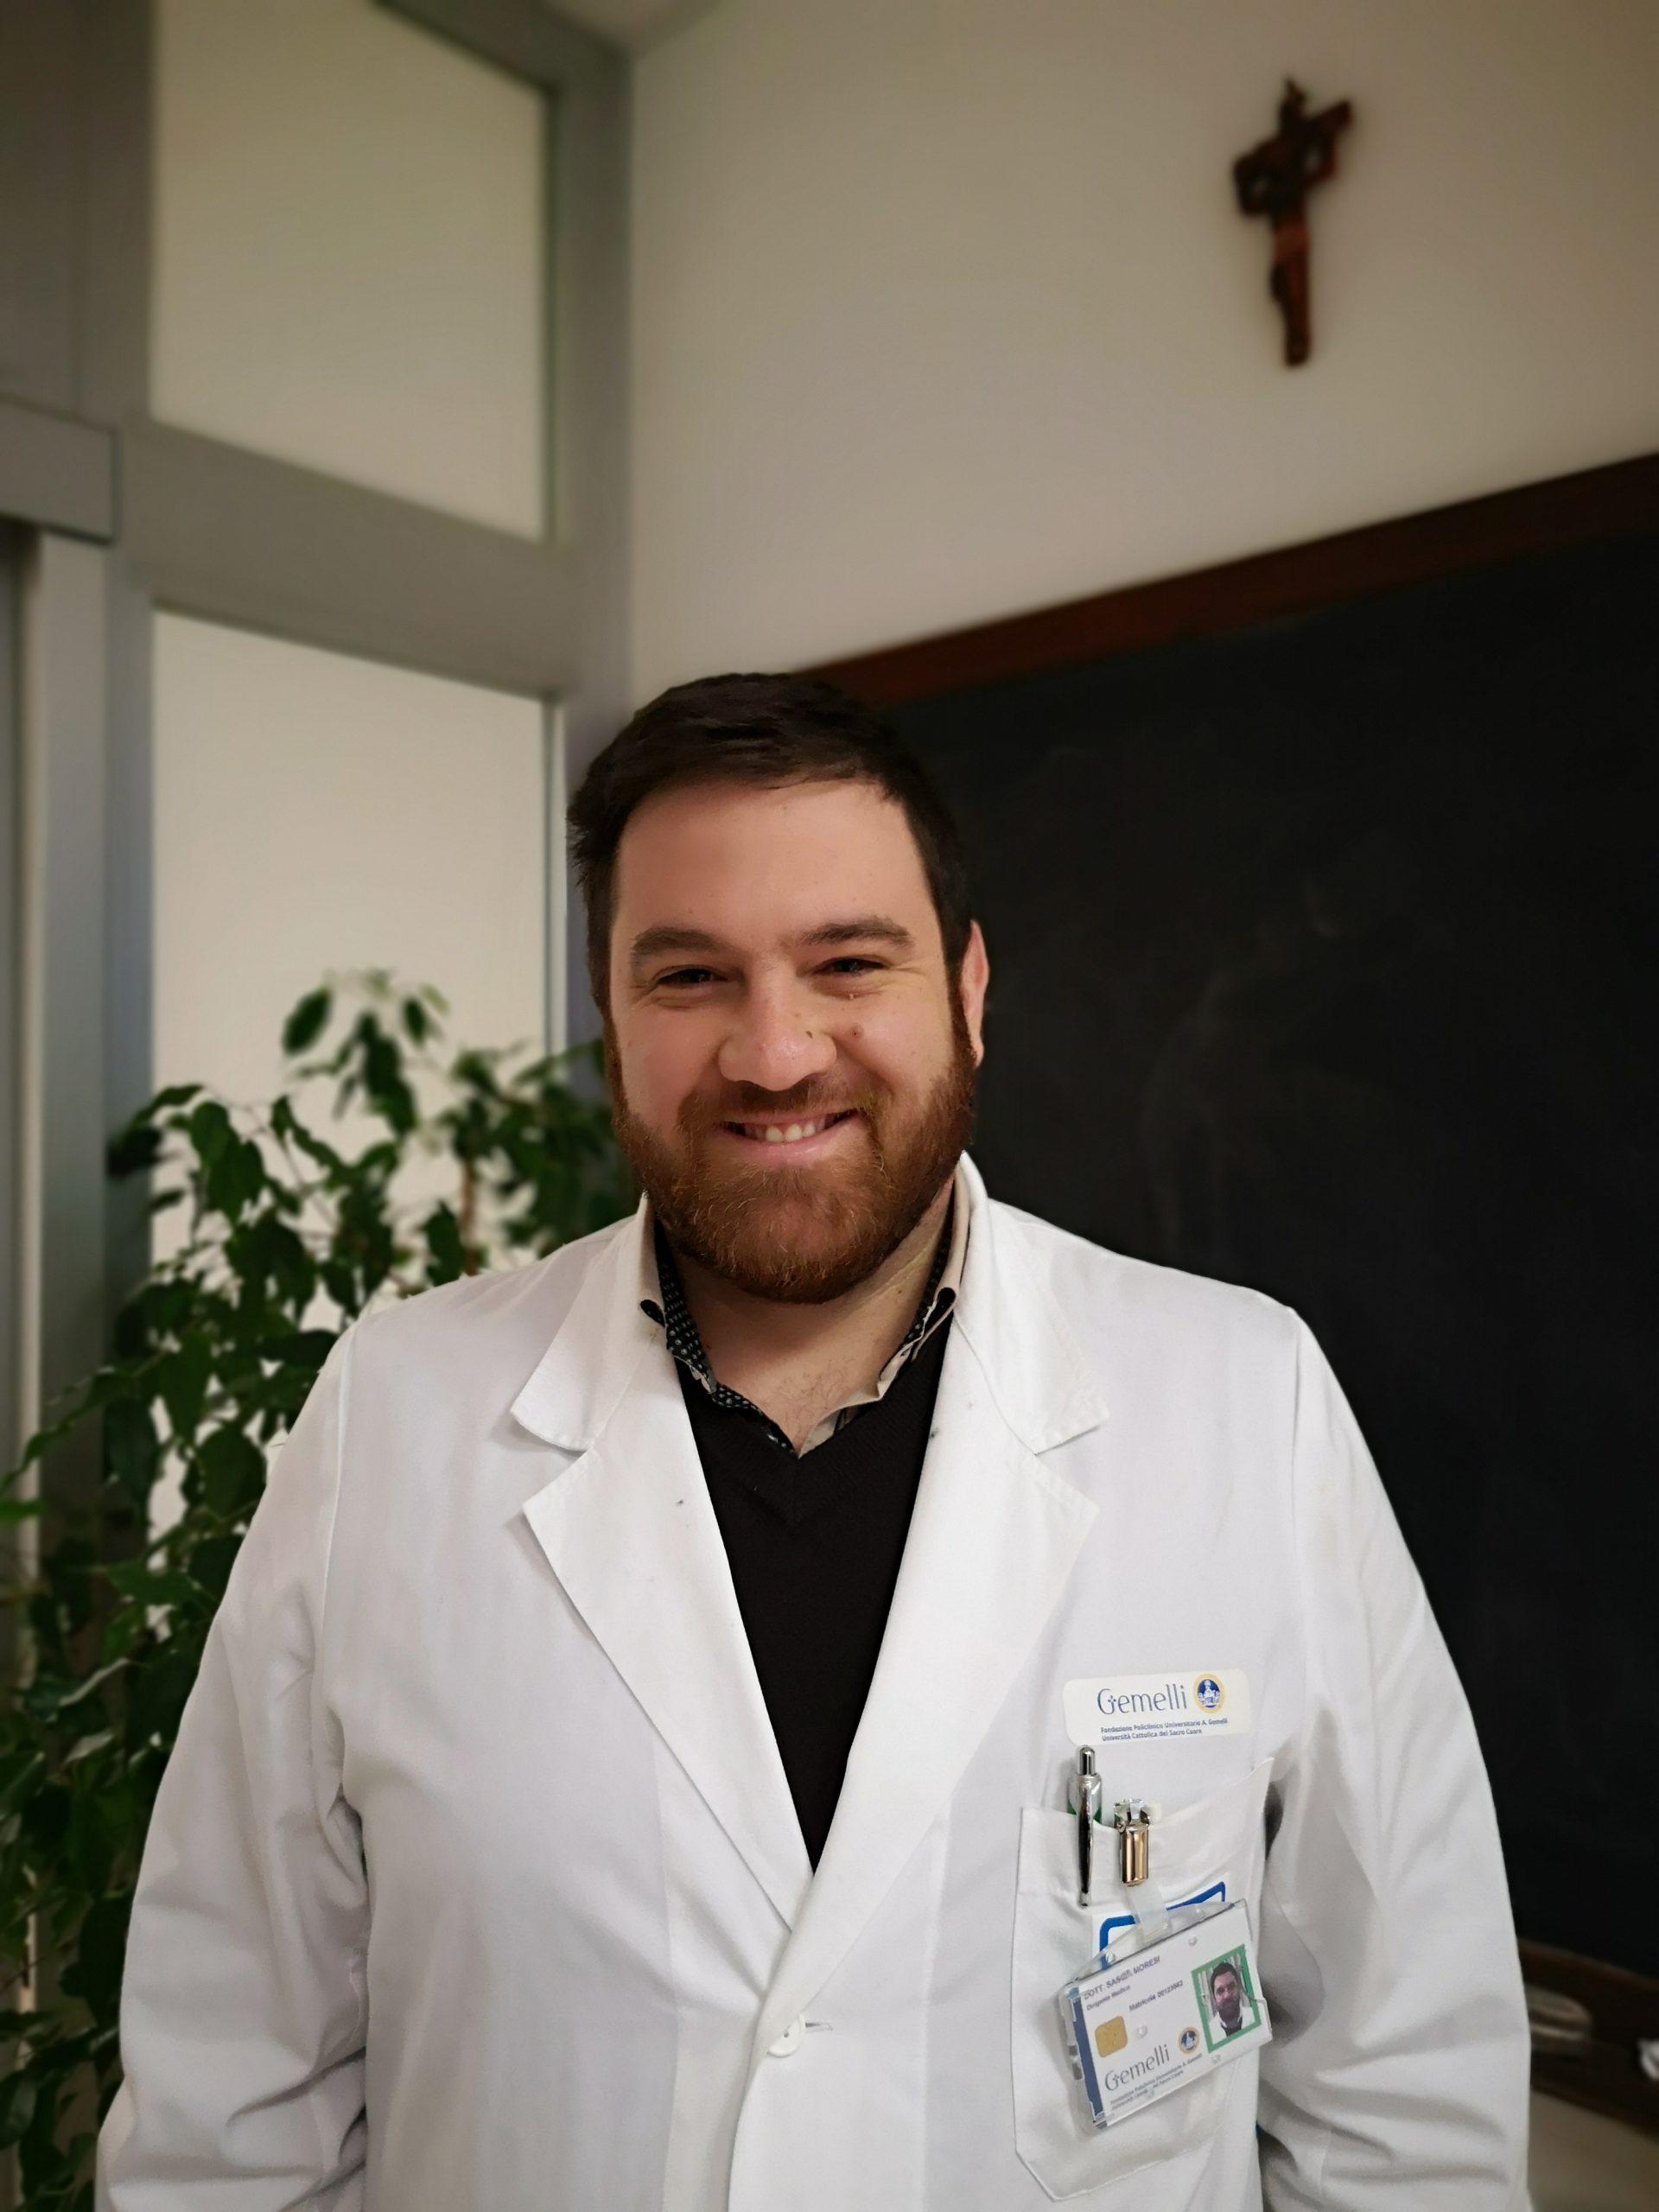 Dott. SASCIA MORESI